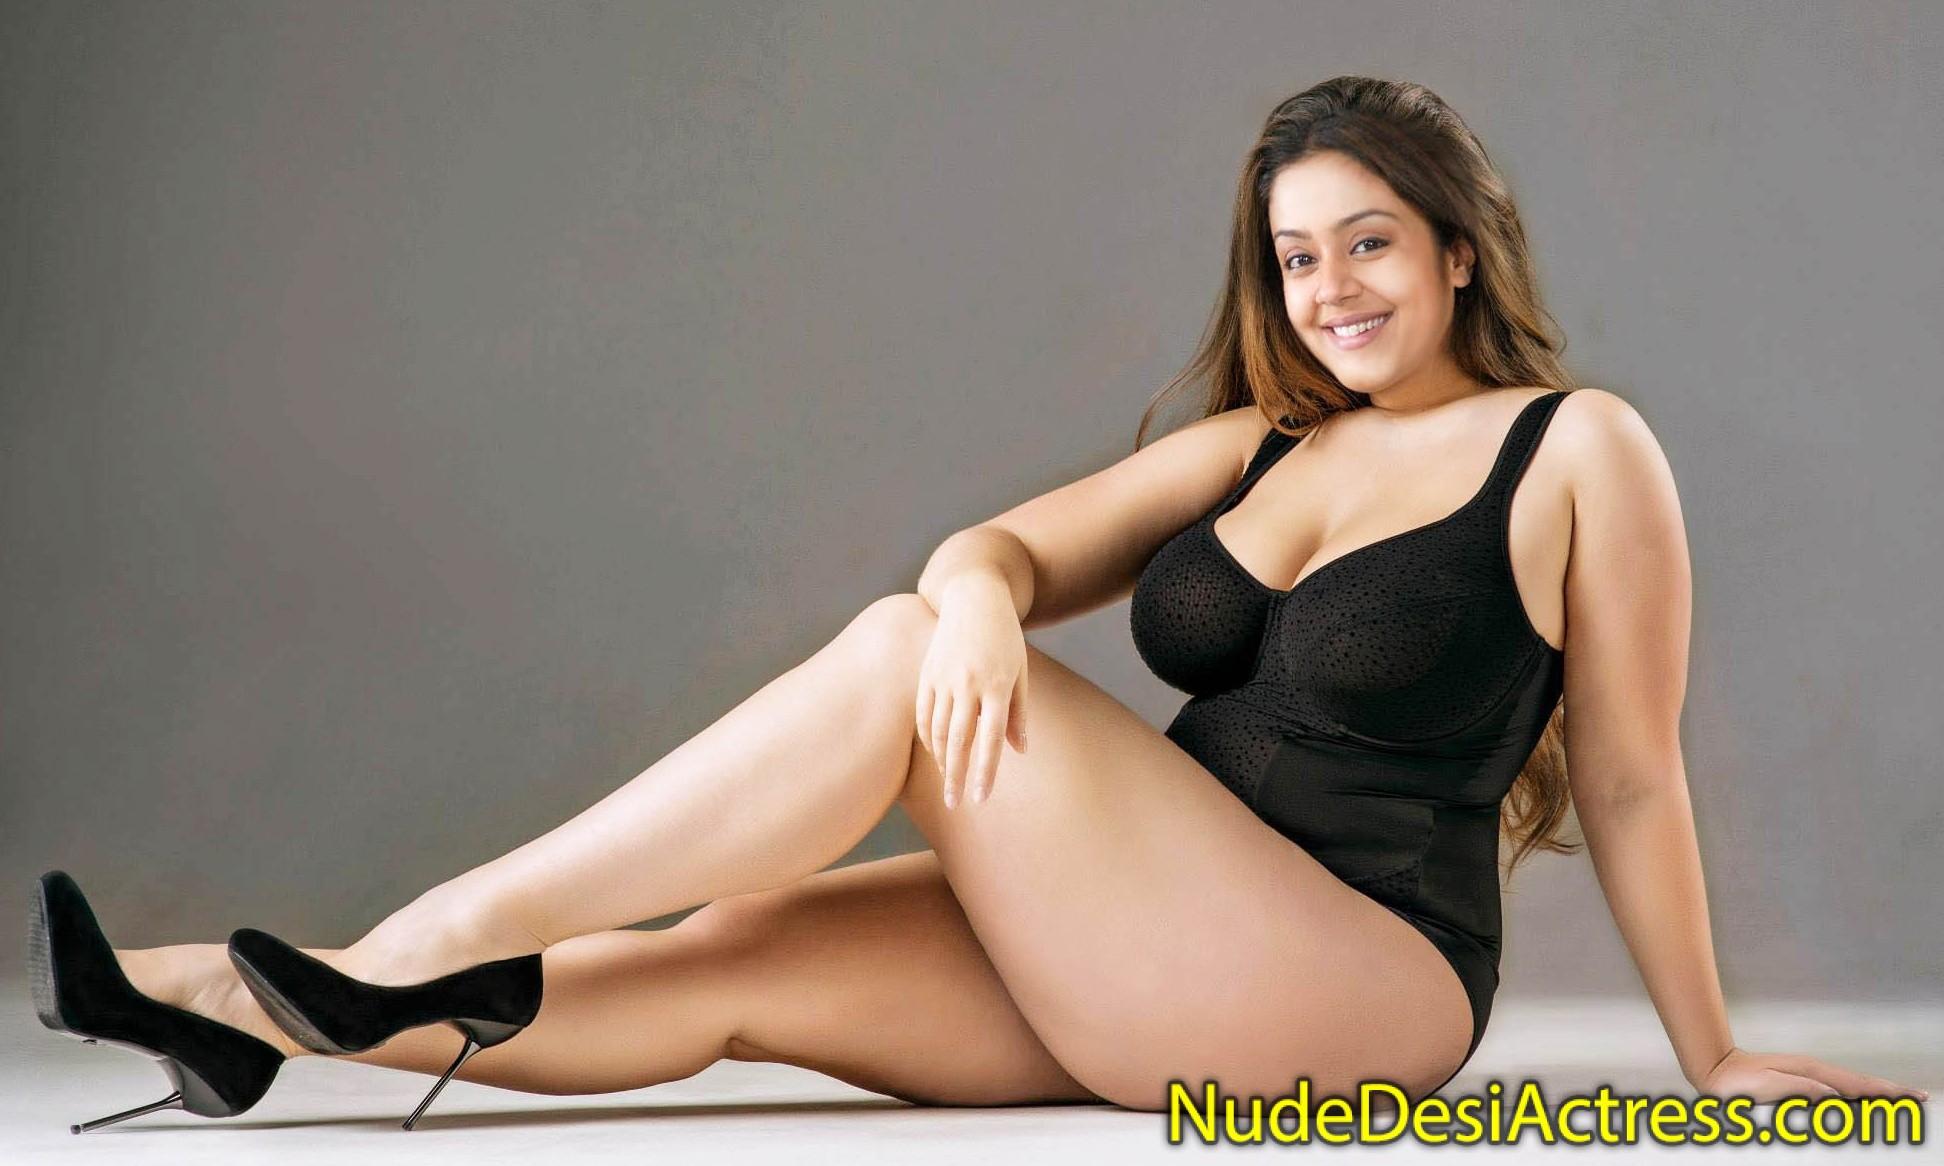 Jothika nude actress